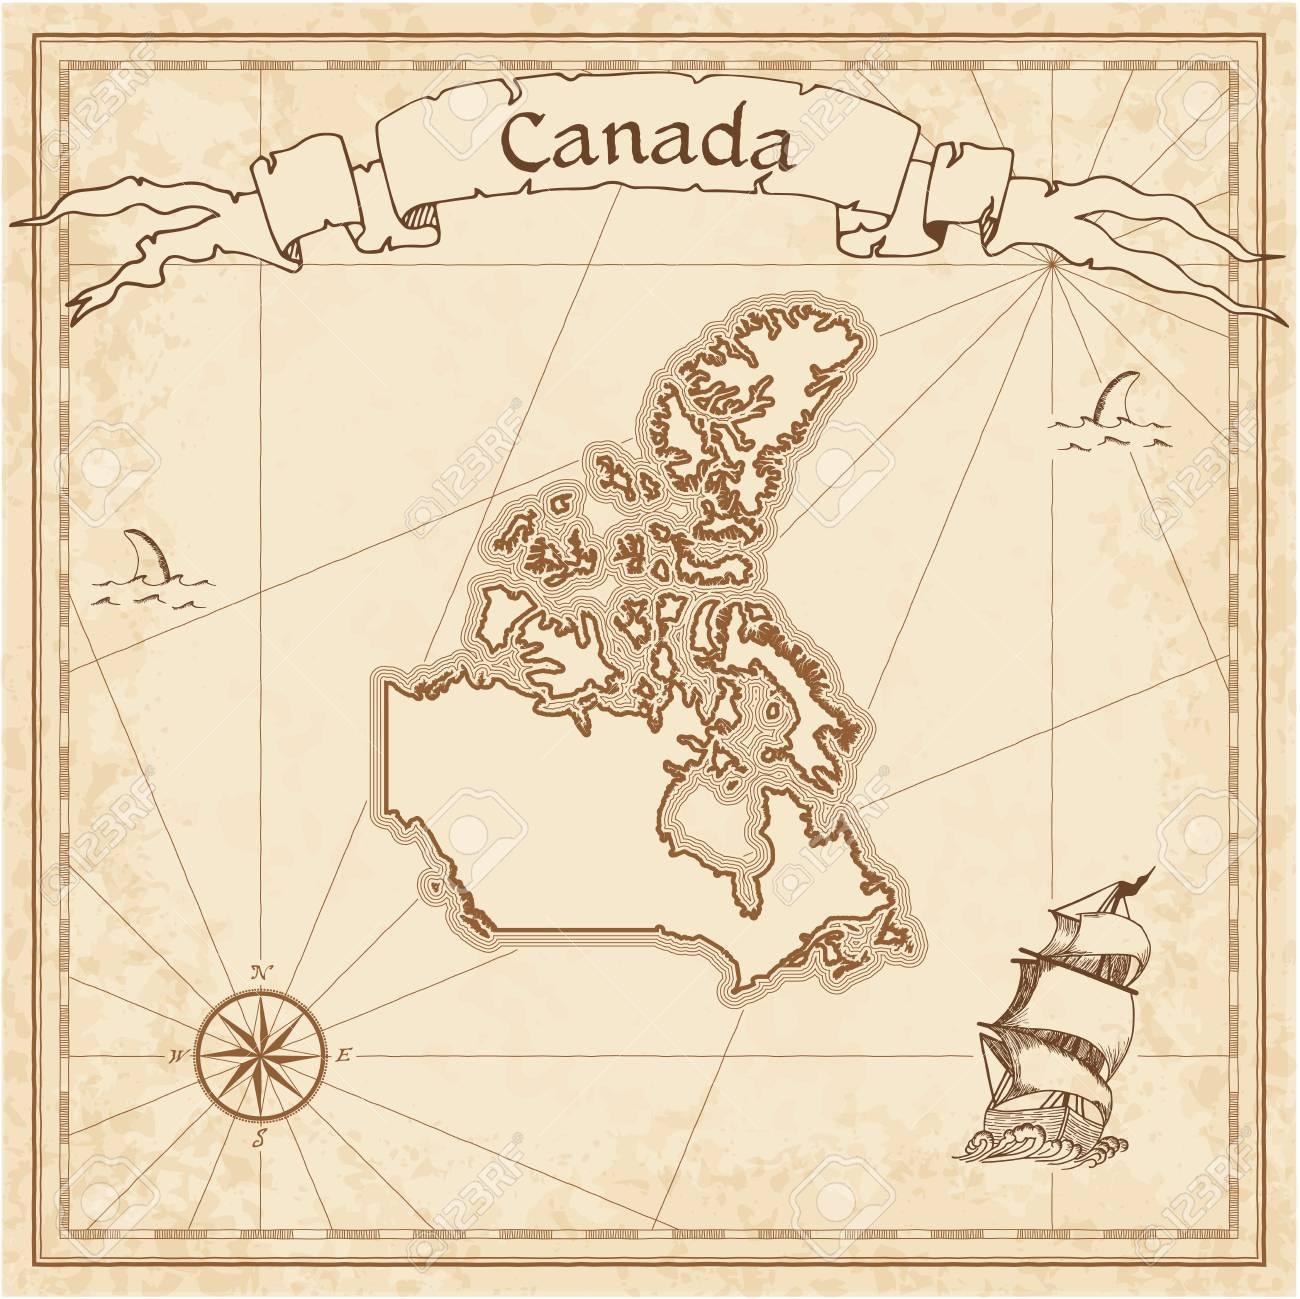 Canadá Antiguo Mapa Del Tesoro. Sepia Grabada Plantilla De Mapa ...